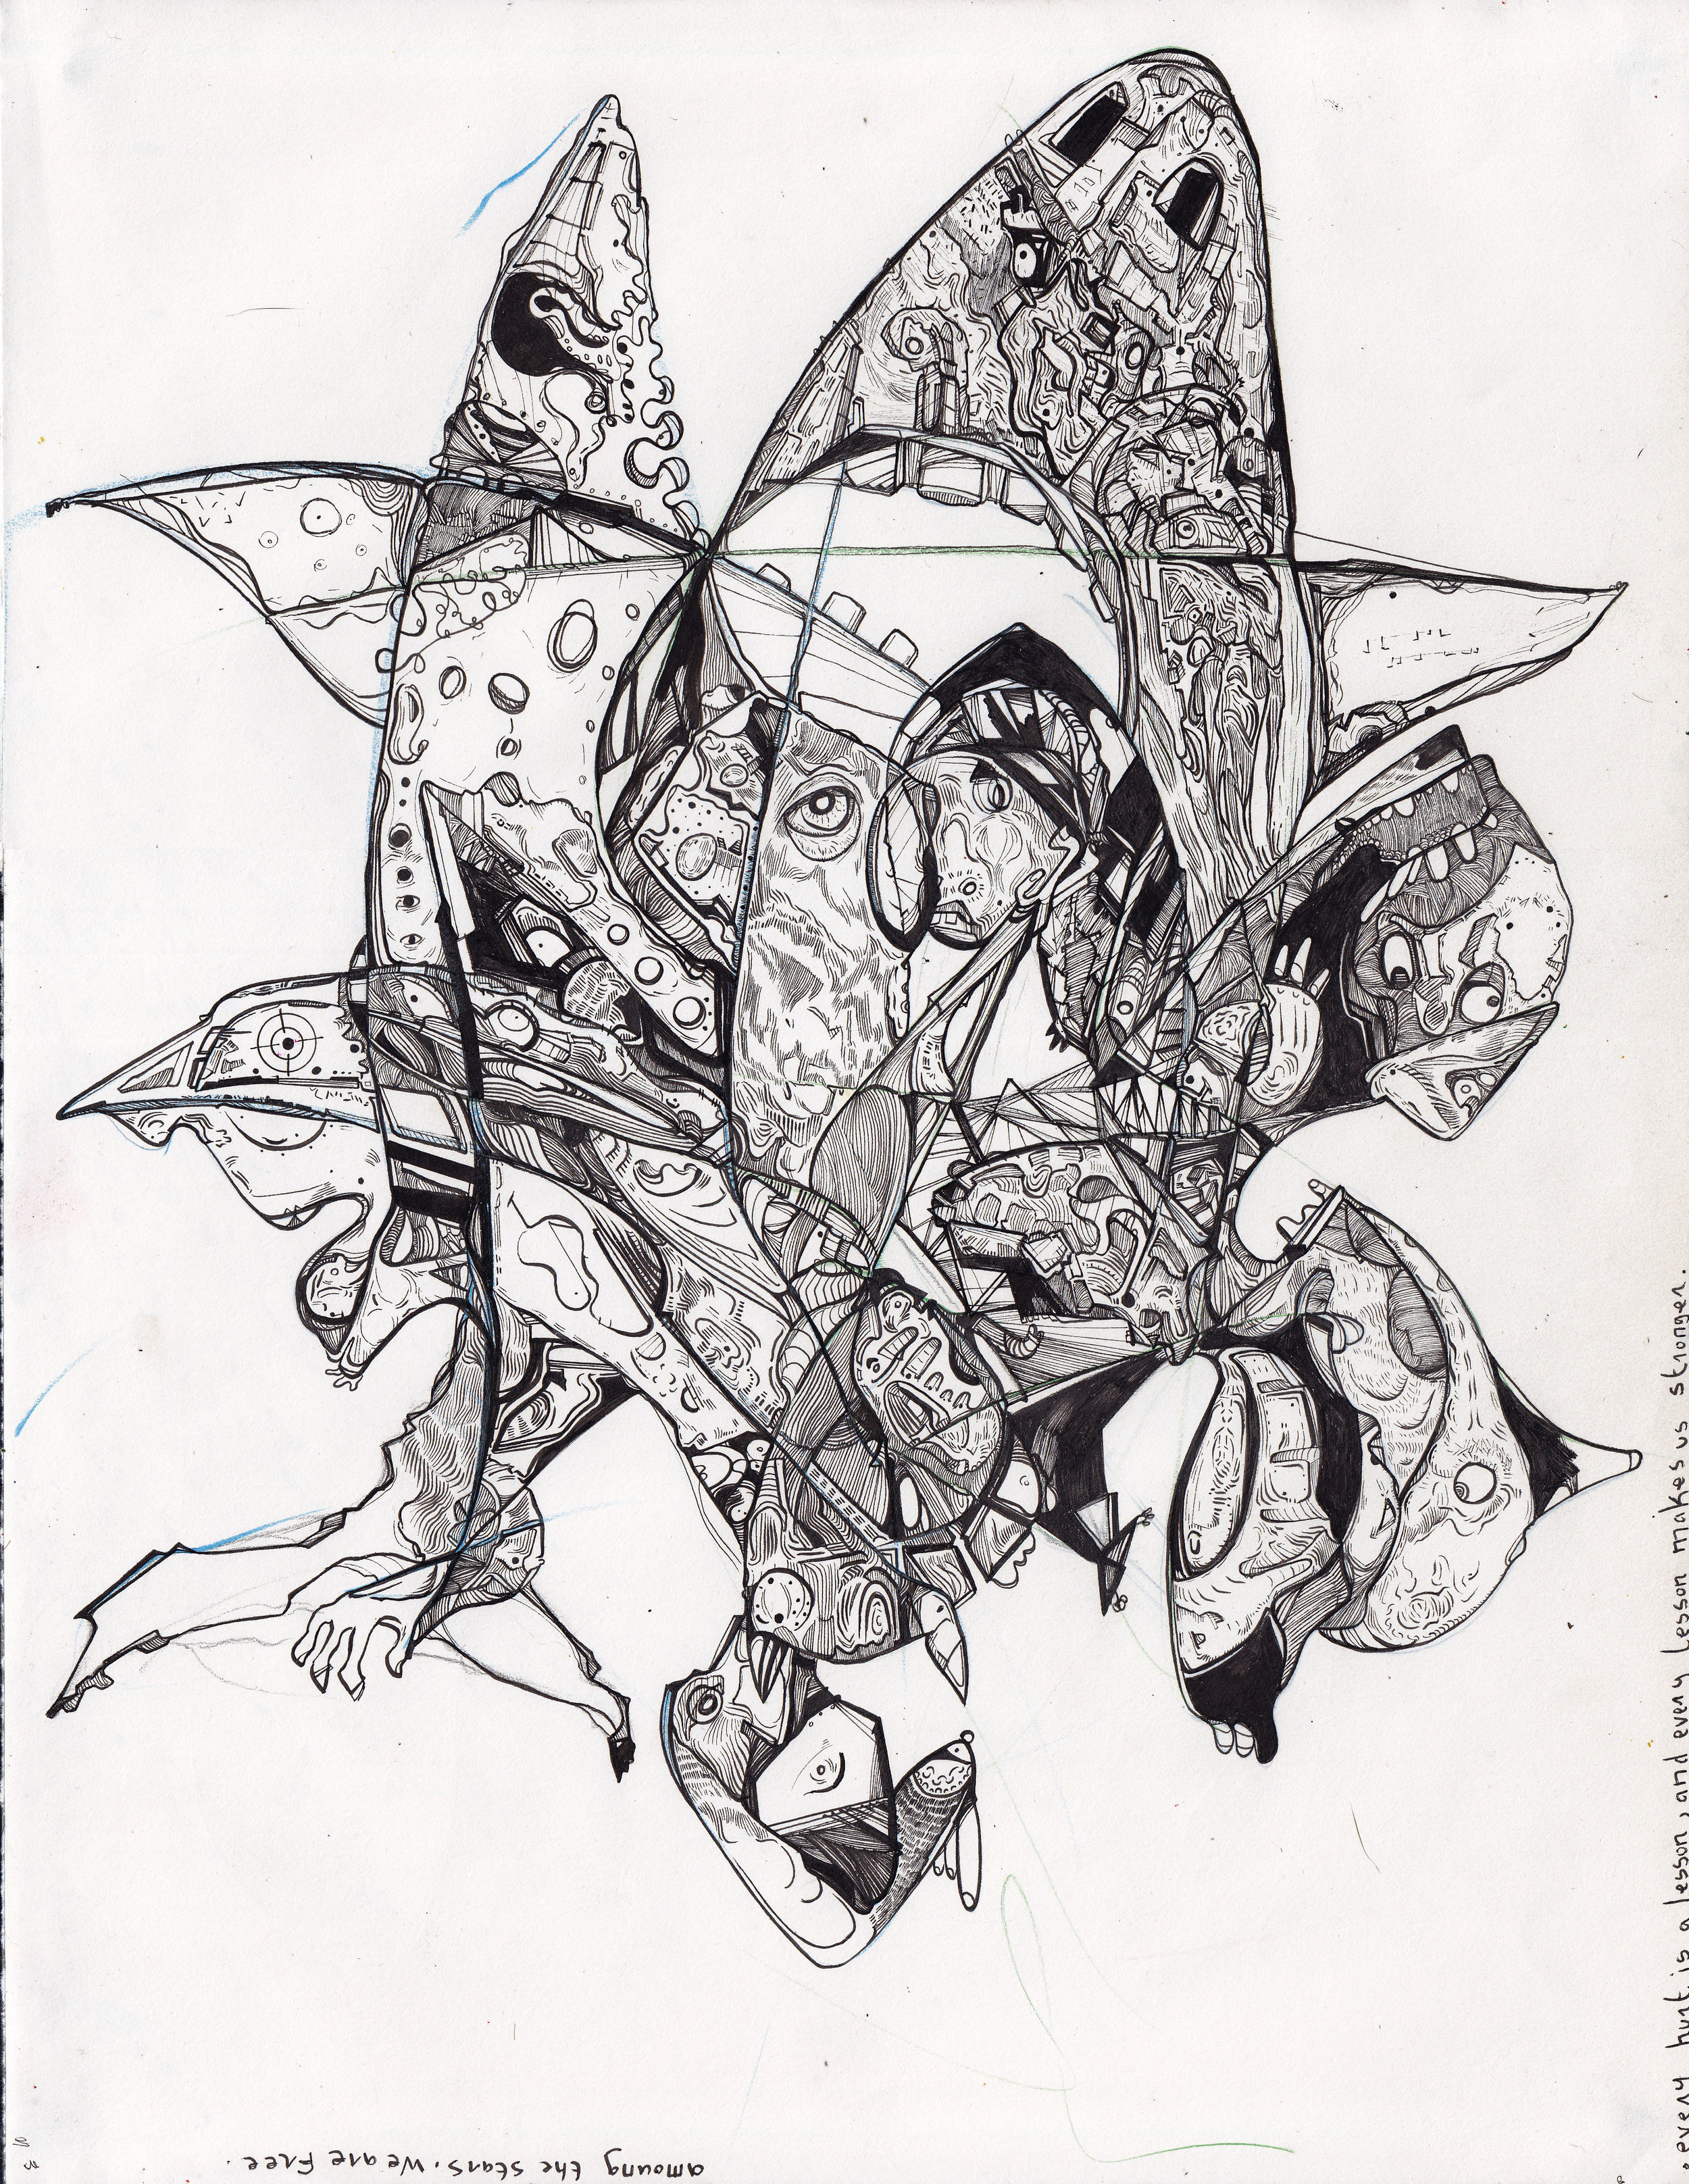 """La gang de sequins aux dents perdus  Pen & Ink on Paper • 11"""" x 17"""" • 2015-16 Drawing Size: 11"""" H x 17 W"""" x 0.5 in"""